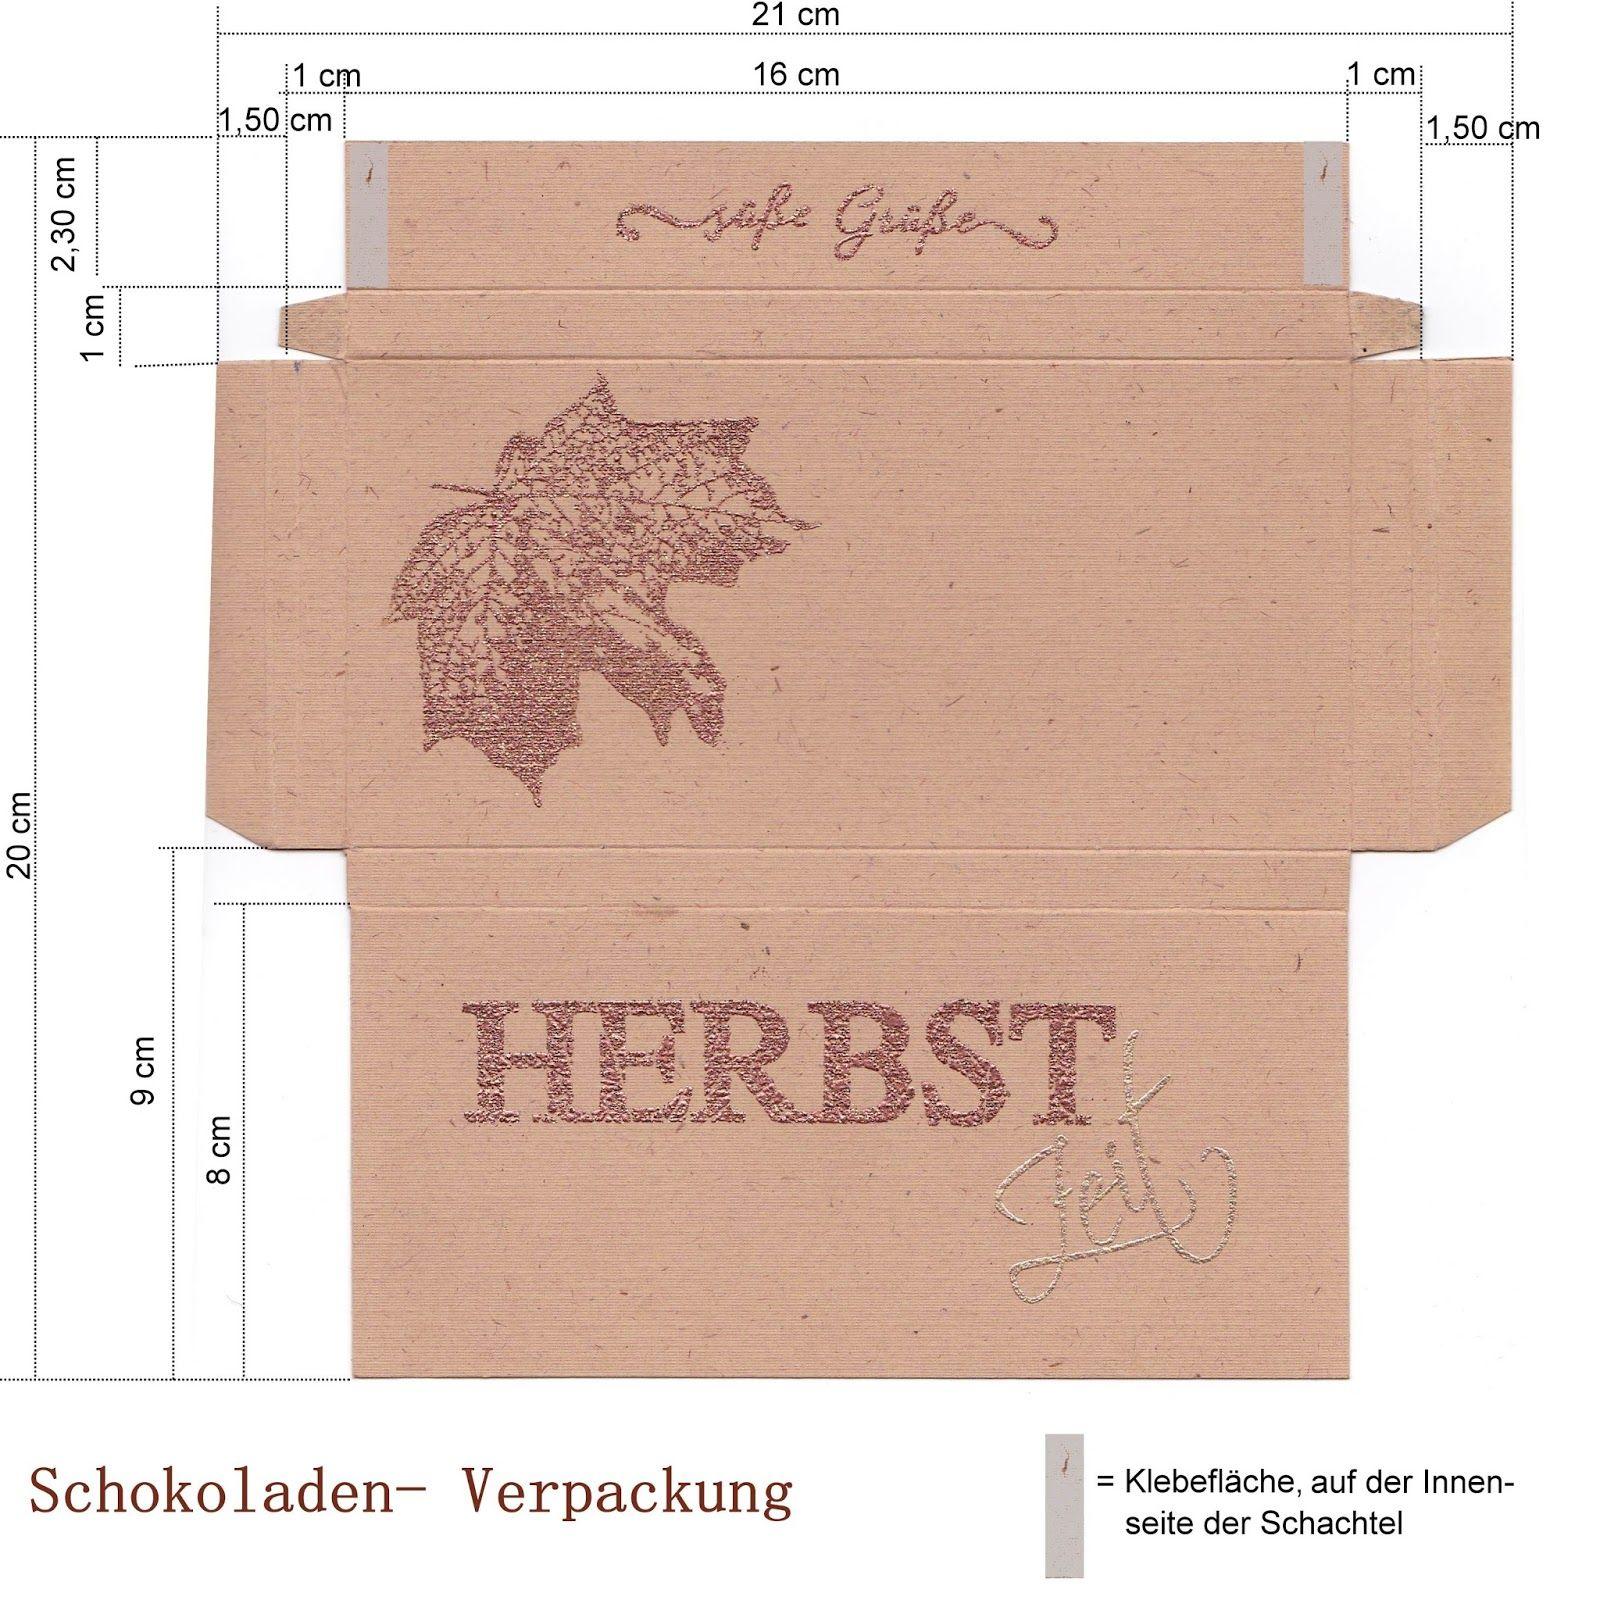 creative-depot: Bastelvorlage für Schokoladen-Verpackung | kreativ ...